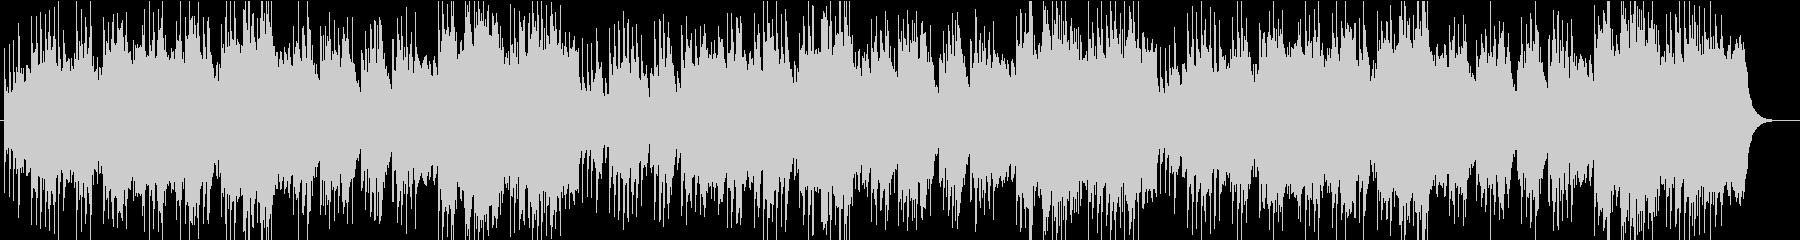 ロンドンデリーの歌オルゴールオーケストラの未再生の波形